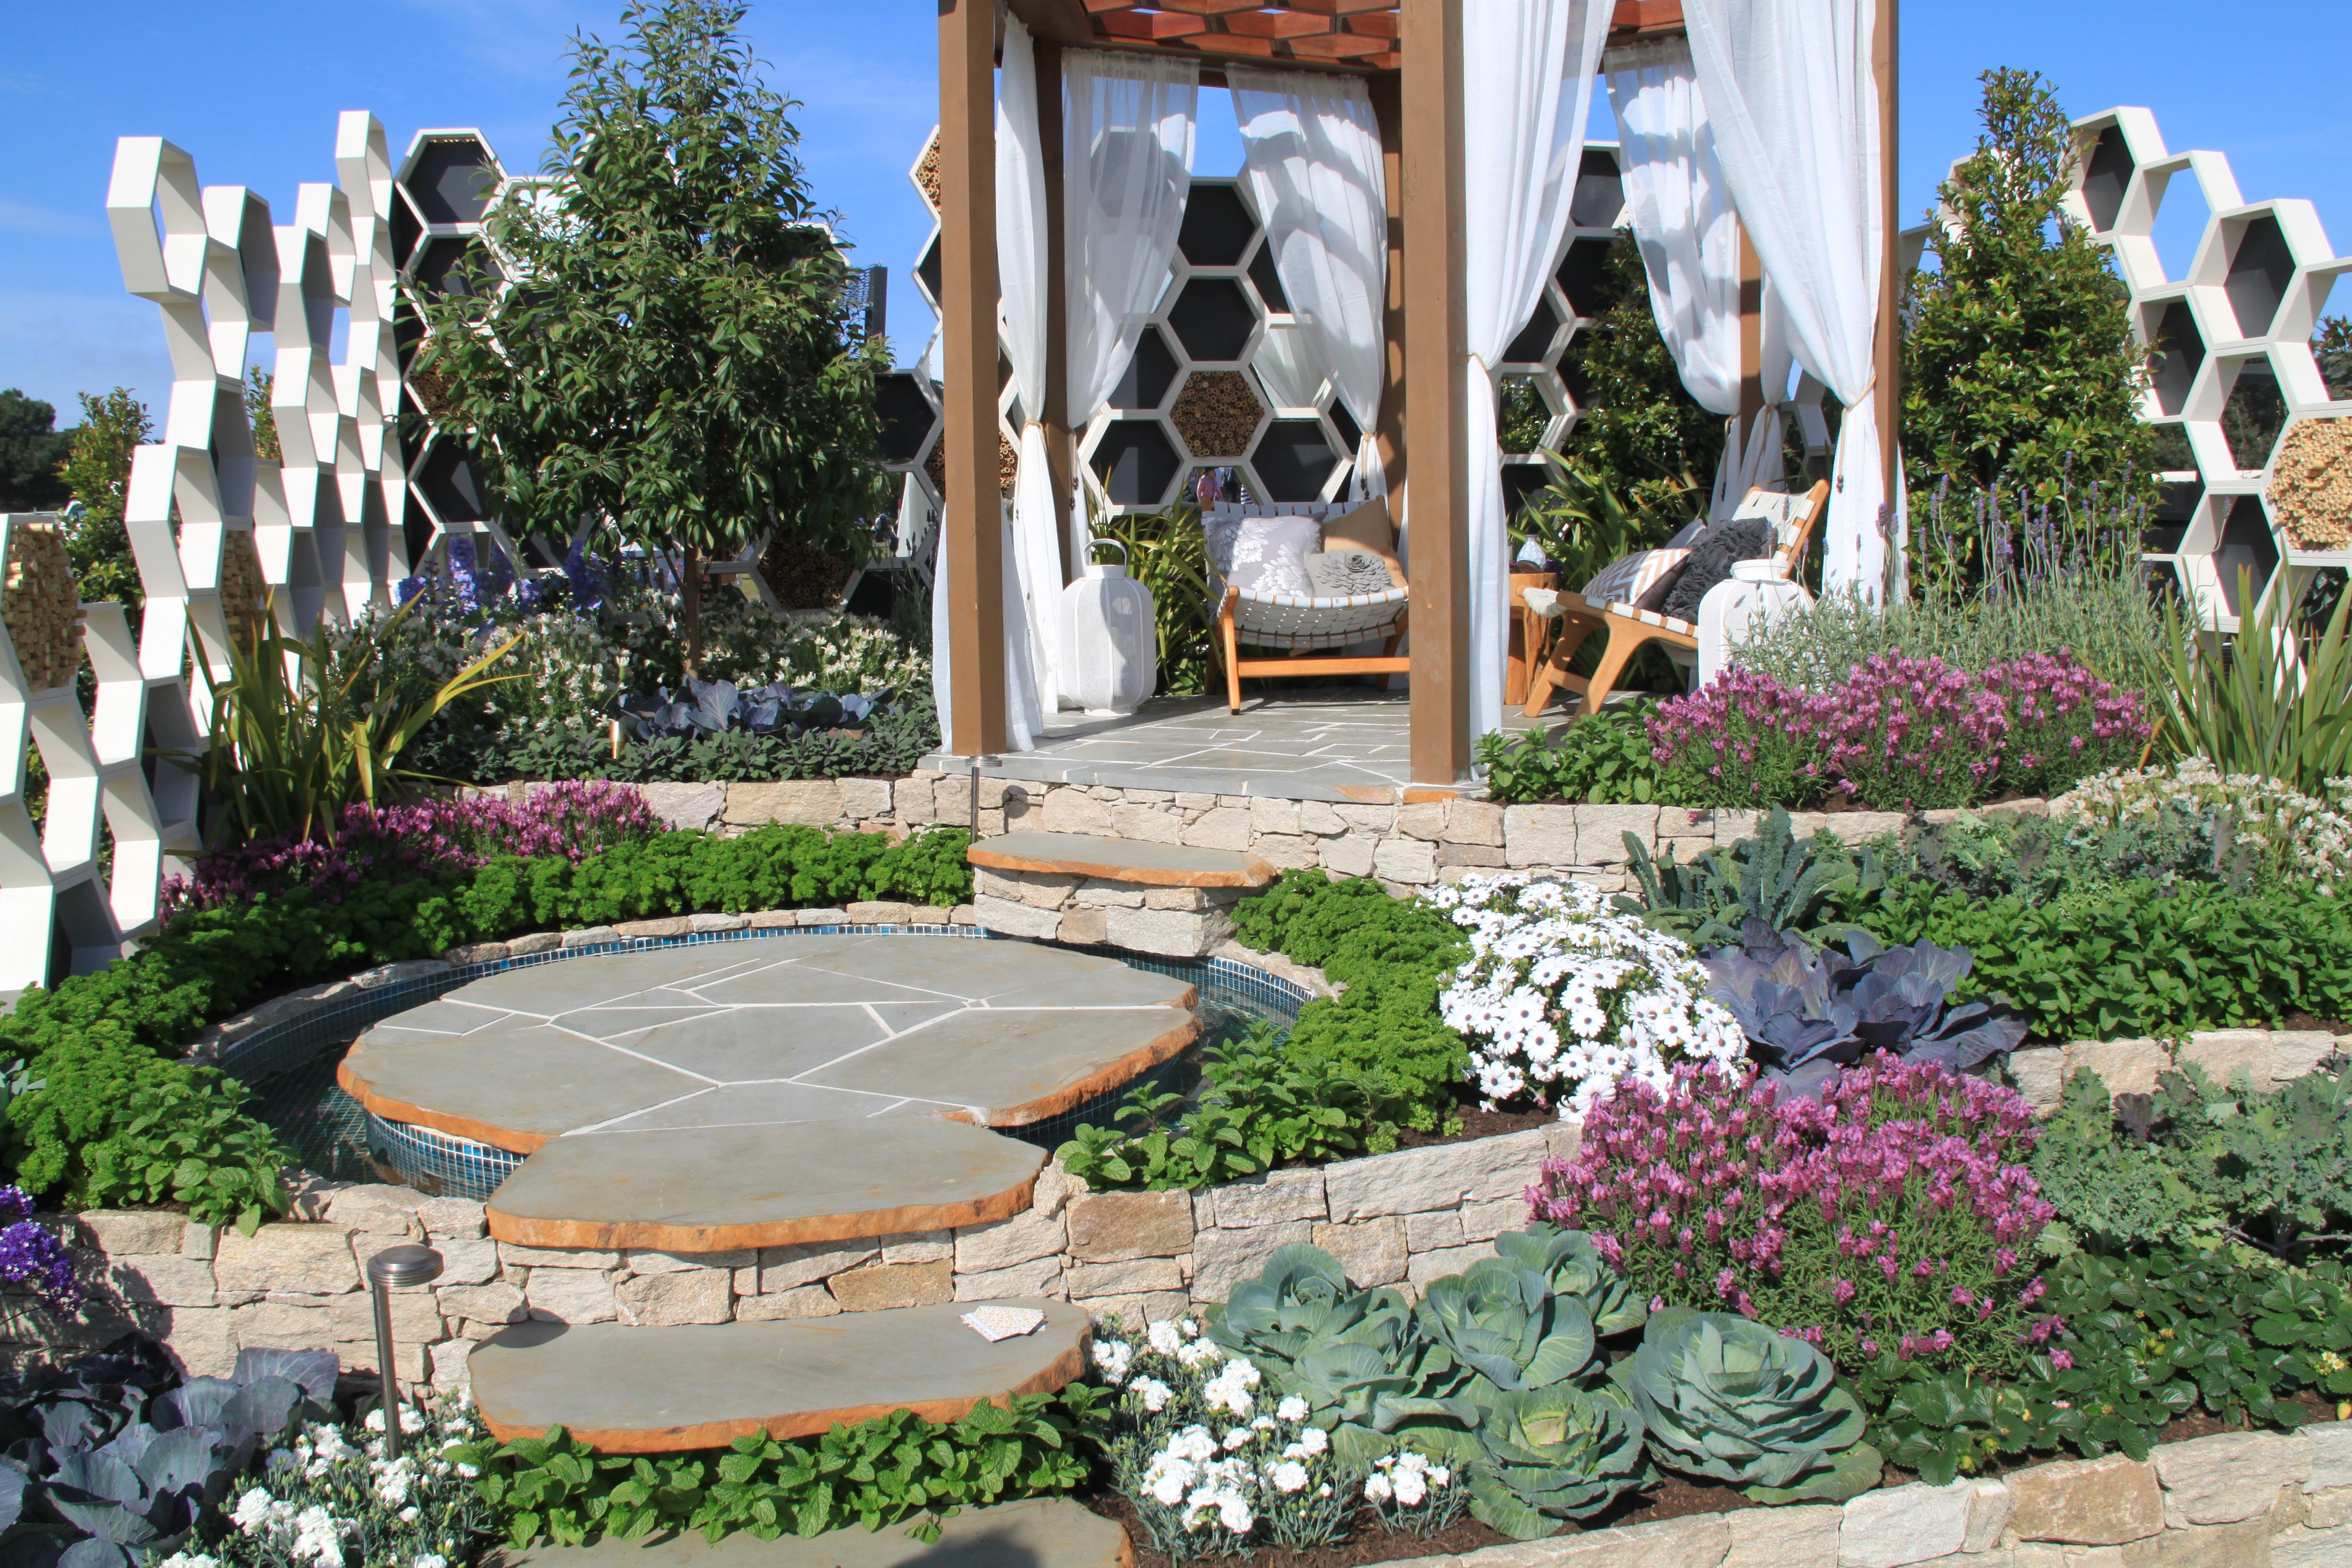 australian garden show sydney 2013 – janna schreier garden design